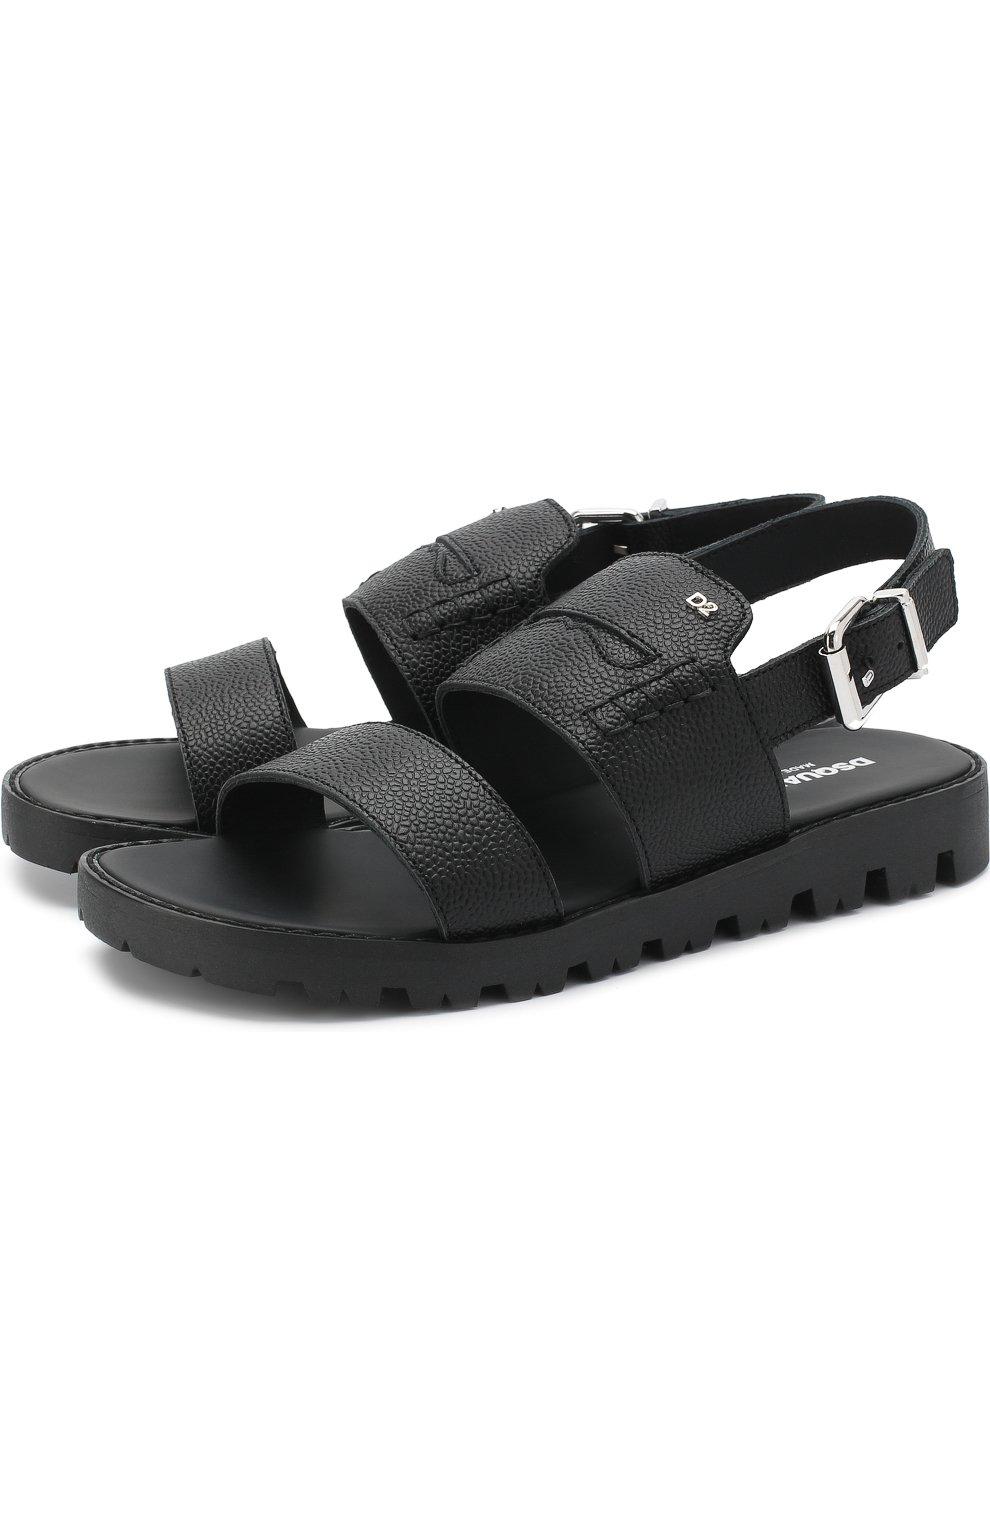 Детские кожаные сандалии на ремешке DSQUARED2 черного цвета, арт. 54194/36-41 | Фото 1